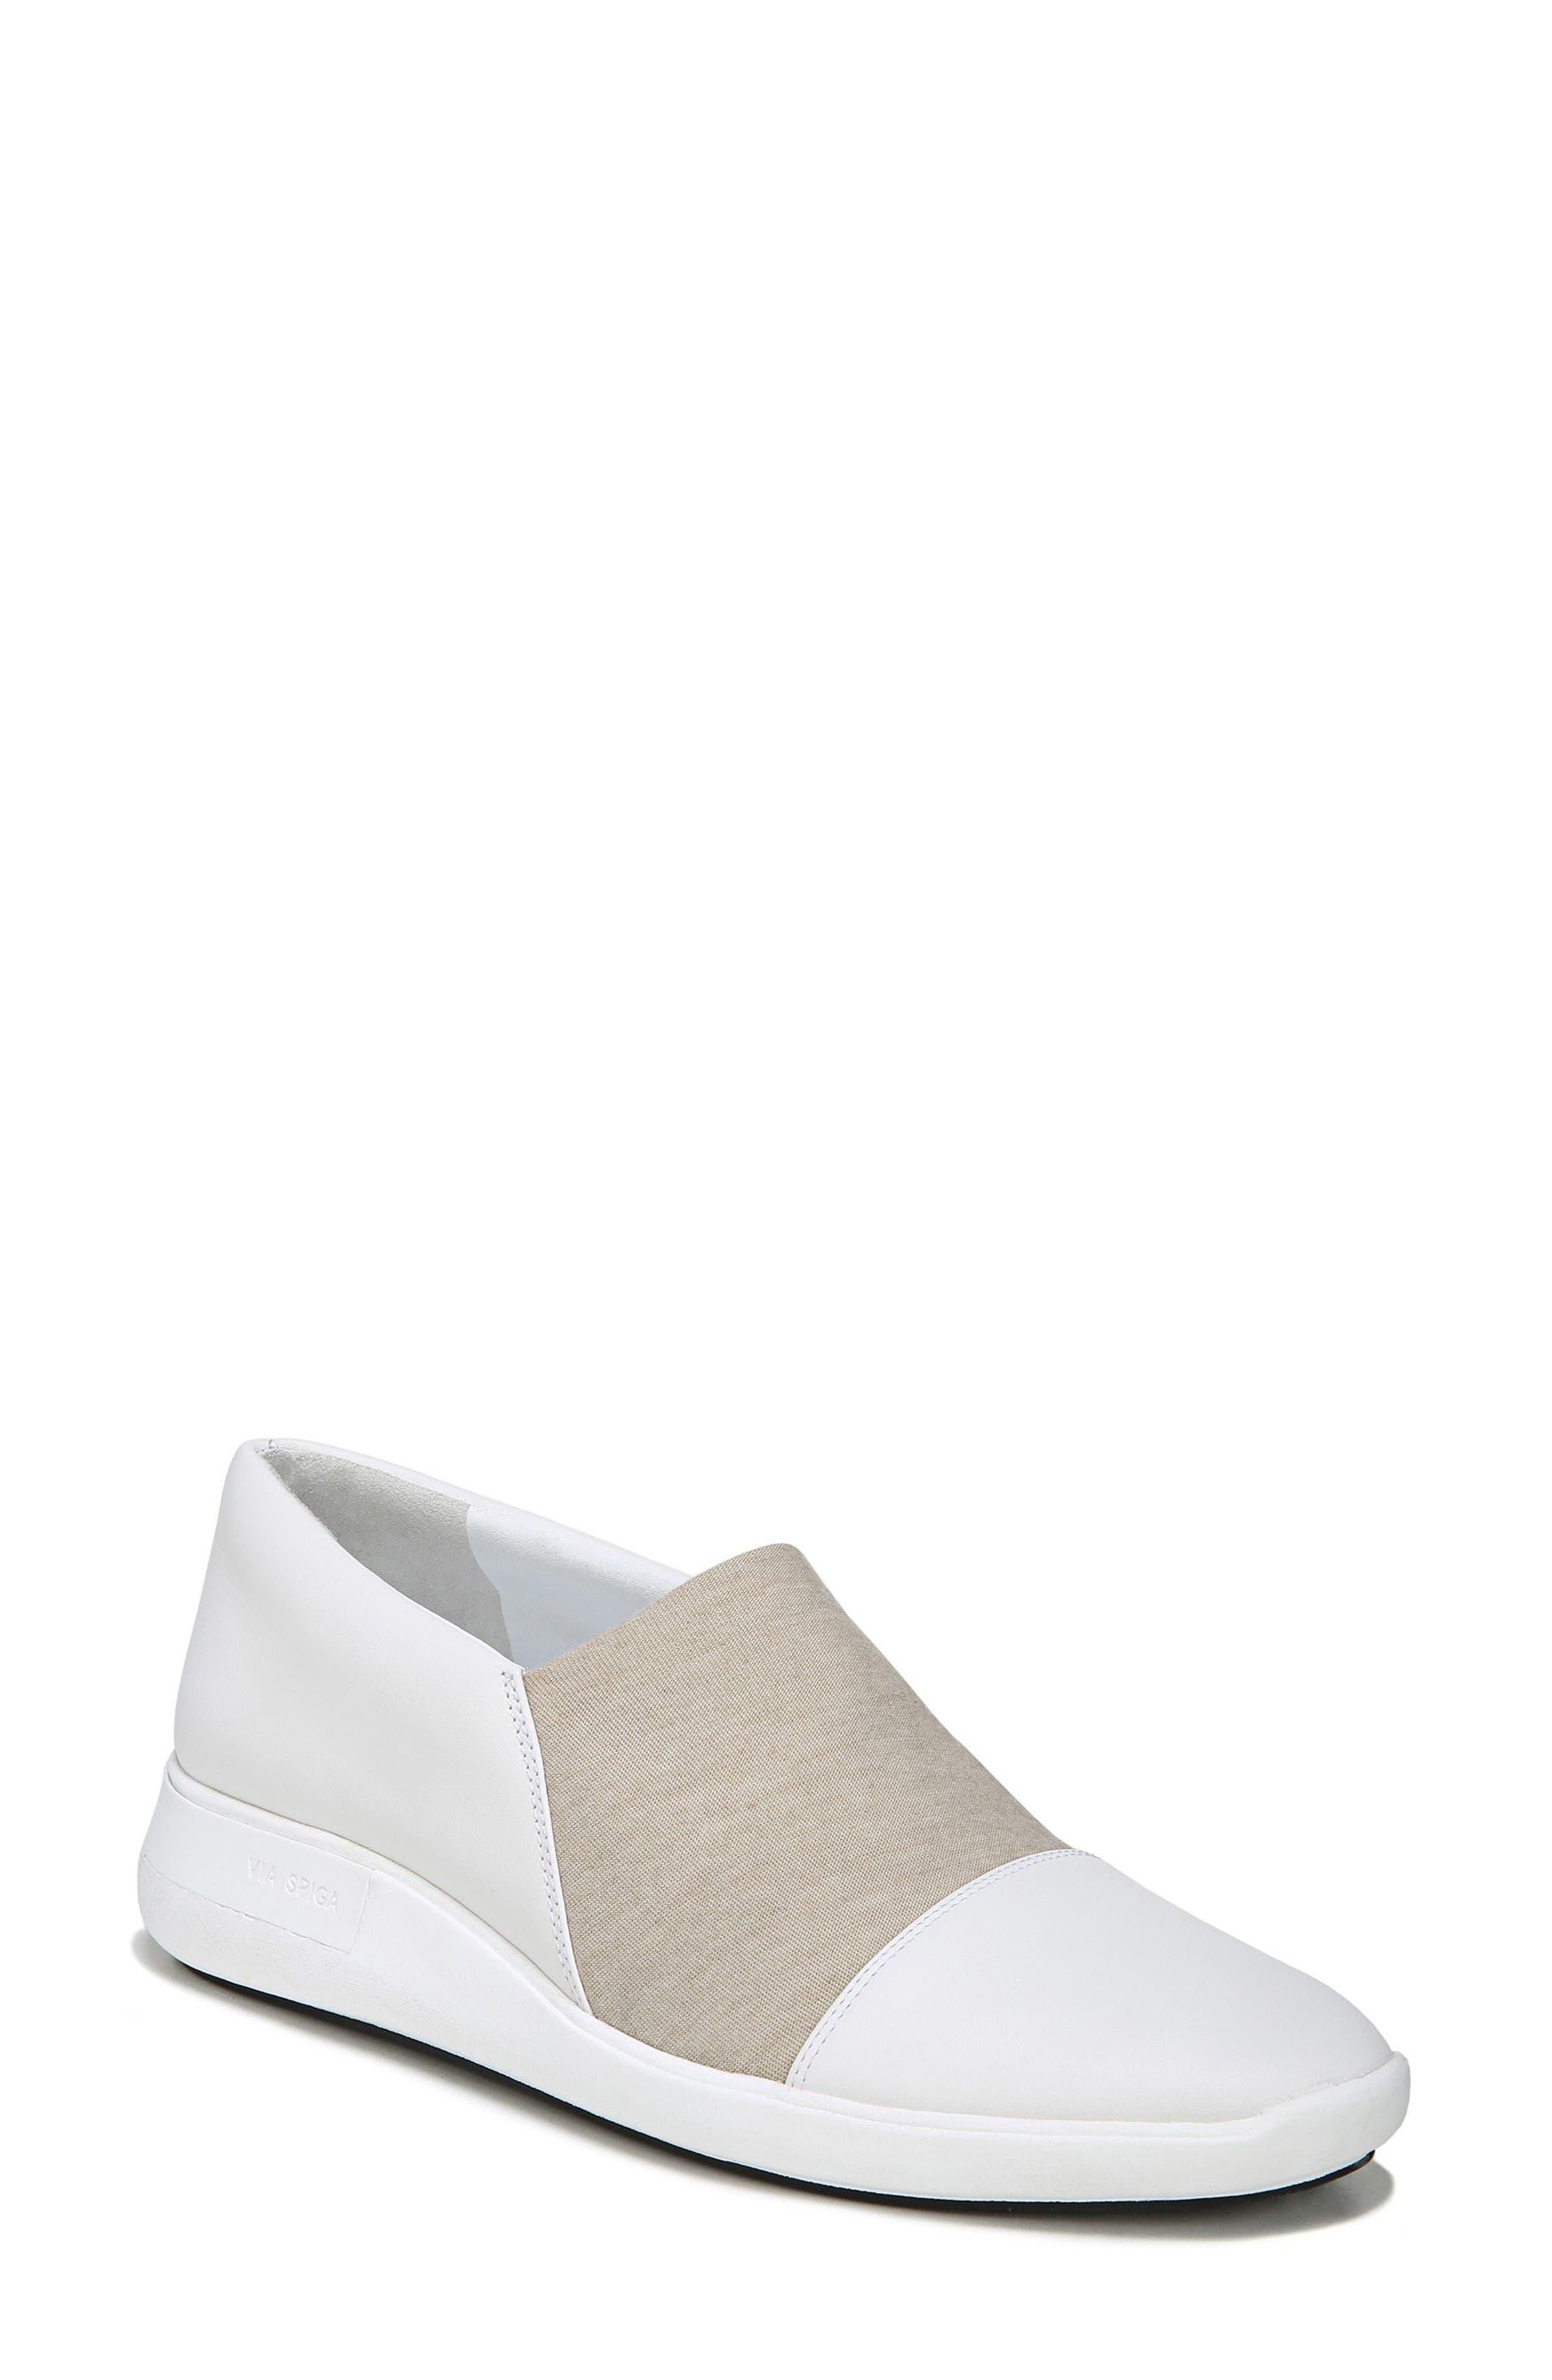 Alternate Image 1 Selected - Via Spiga Morgan Slip-On Sneaker (Women)